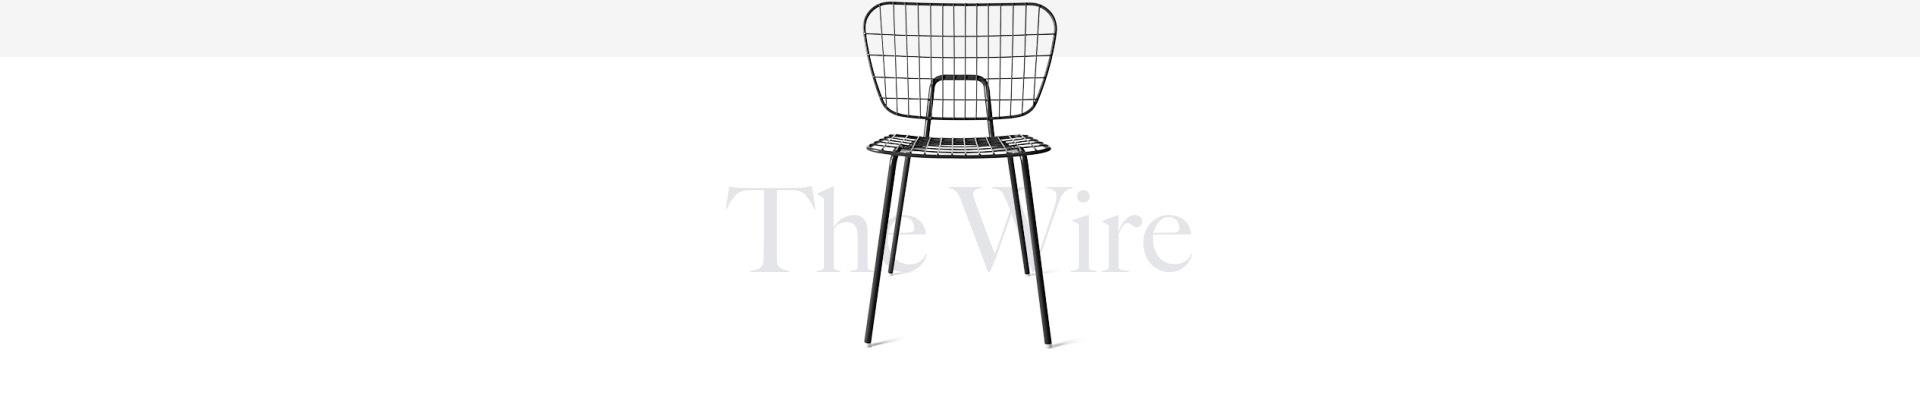 shop-for-furniture